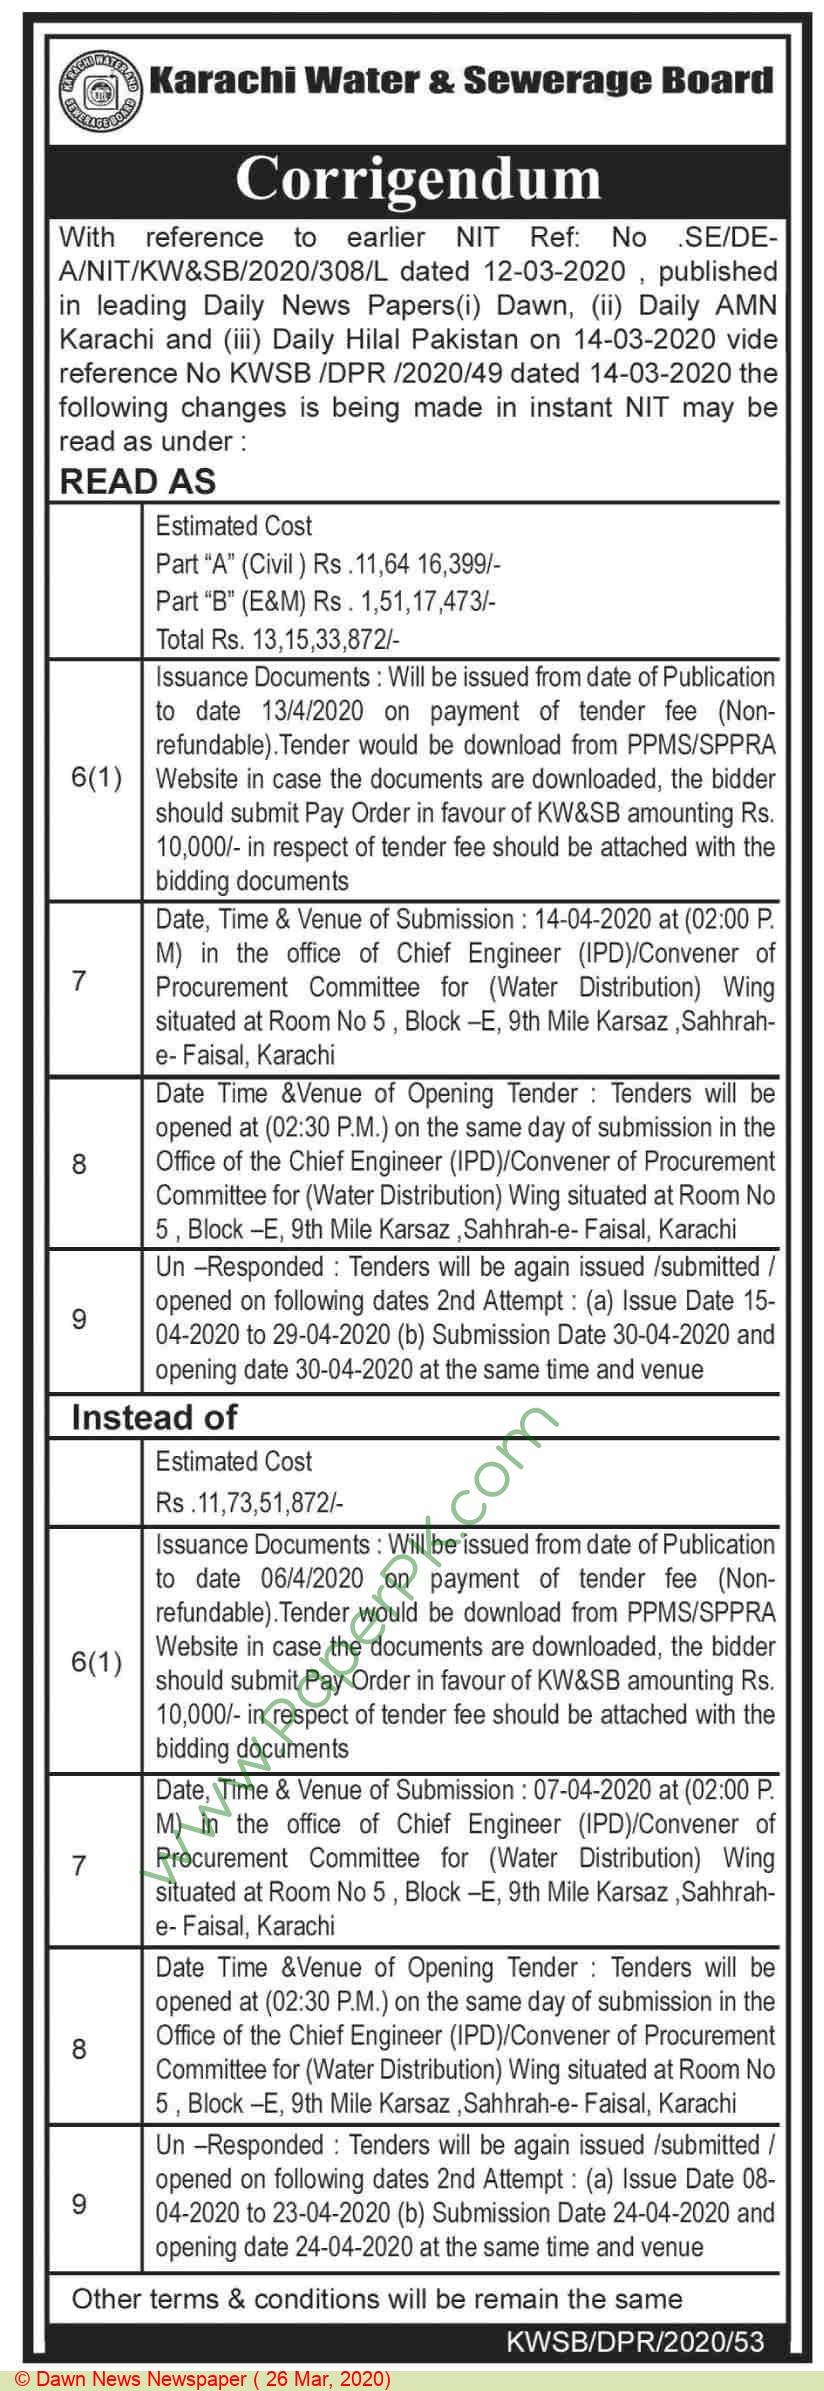 Karachi Water & Sewerage Board Karachi Tender Notice.